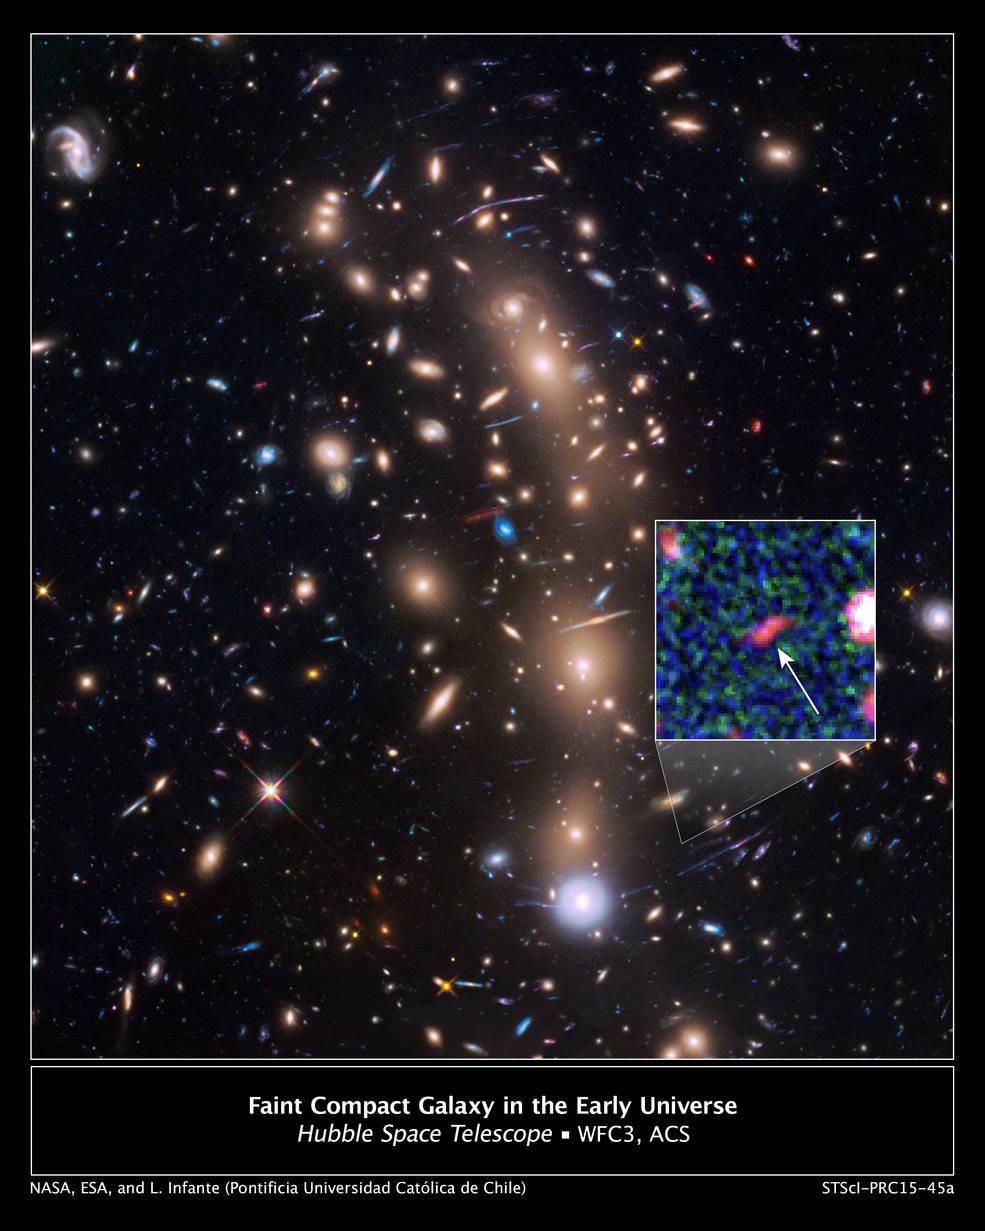 ภาพกาแล็กซียุคช่วงเอกภพเริ่มถือกำเนิด